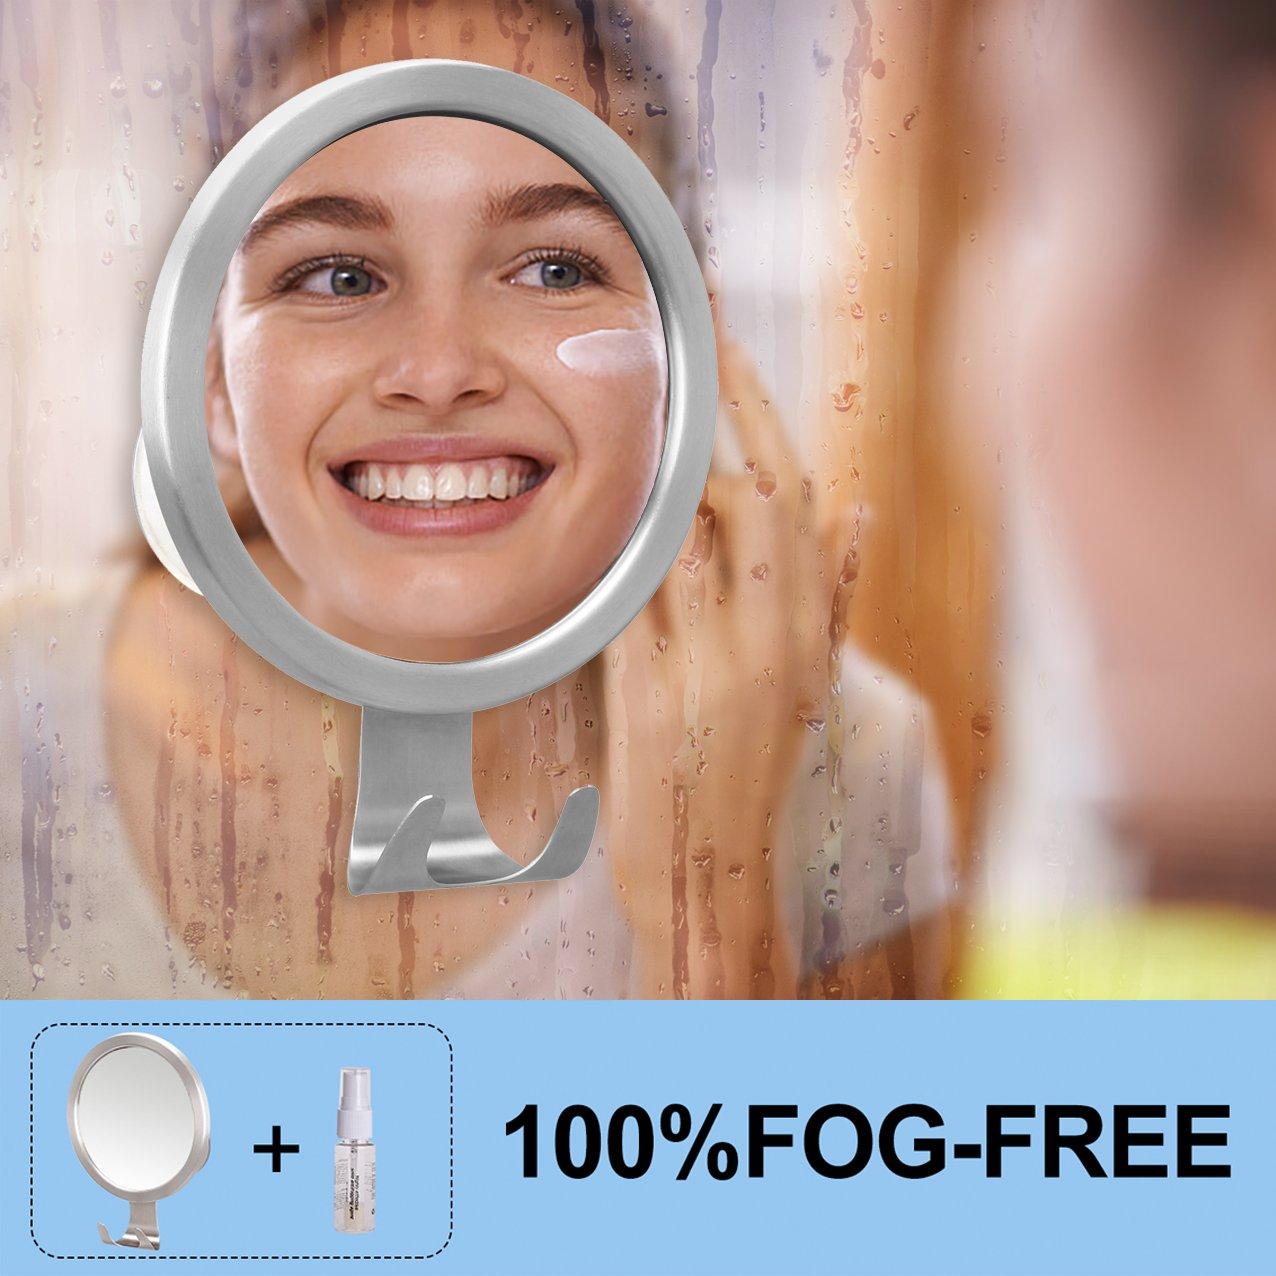 Quntis Specchio da Doccia Antiappannamento con Gancio a Ventosa Specchio Anti-Appannamento a Apecchio Rotondo//Trucco per Bagno Cornice Argento